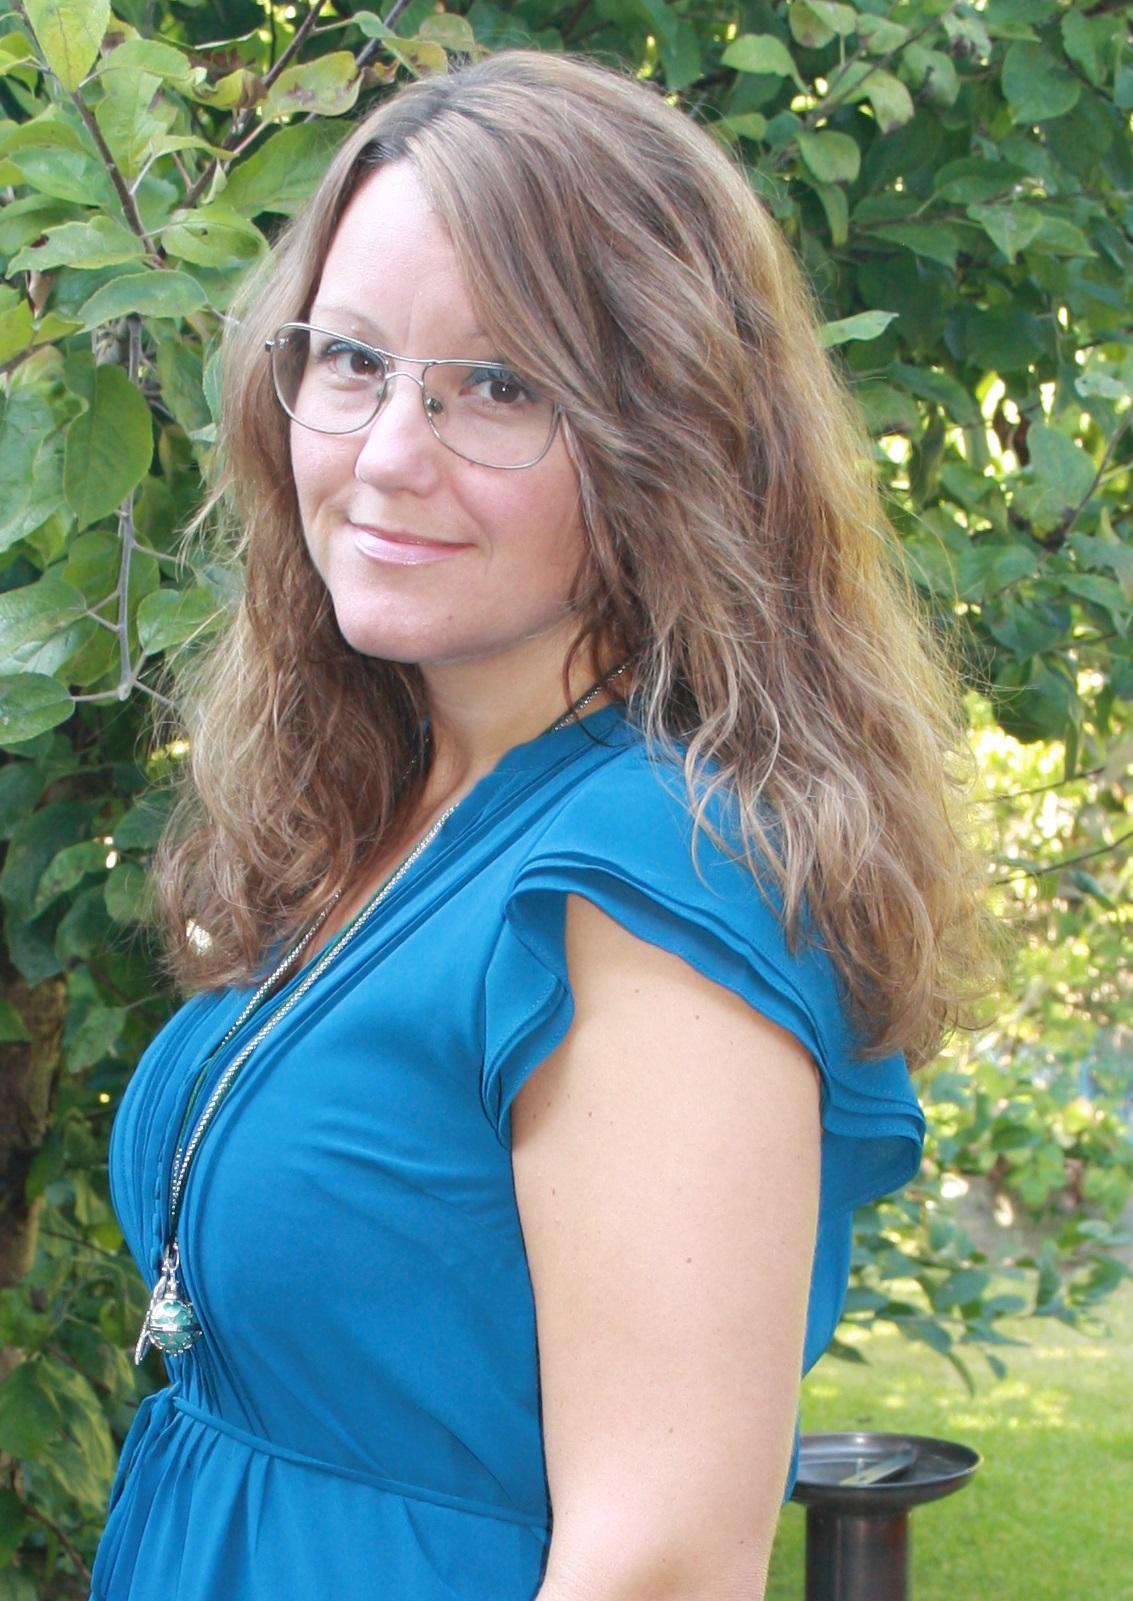 Katarina Järvborn och arbetar som legitimerad förskollärare och digitalista på Marbäcks förskola i Svedala kommun.